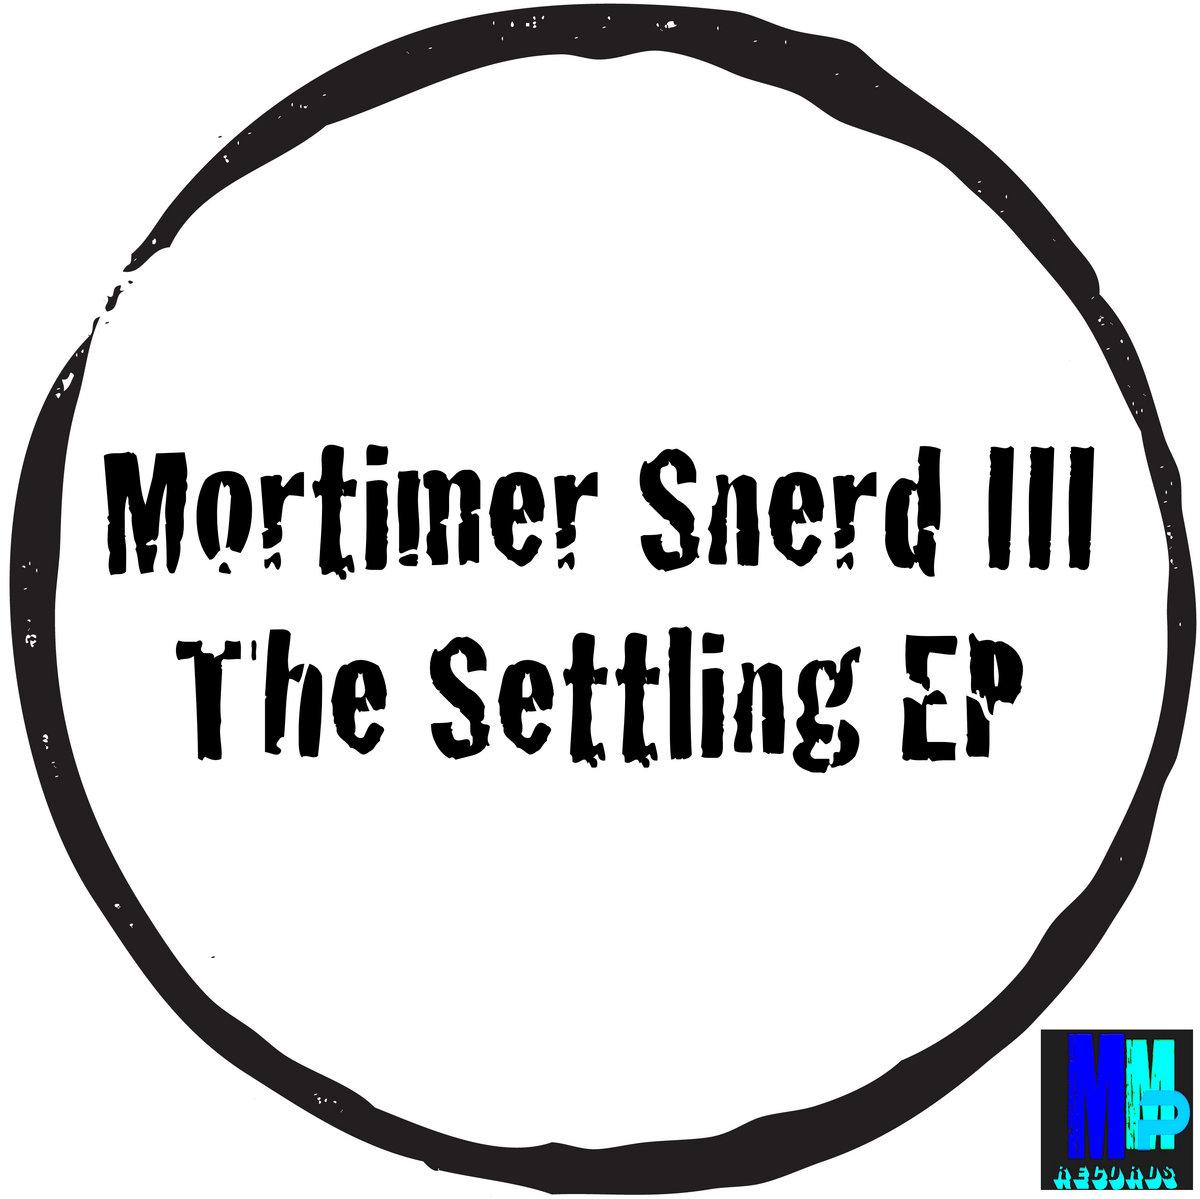 Mental For My Love(Mortimer Snerd III, Belizian Voodoo